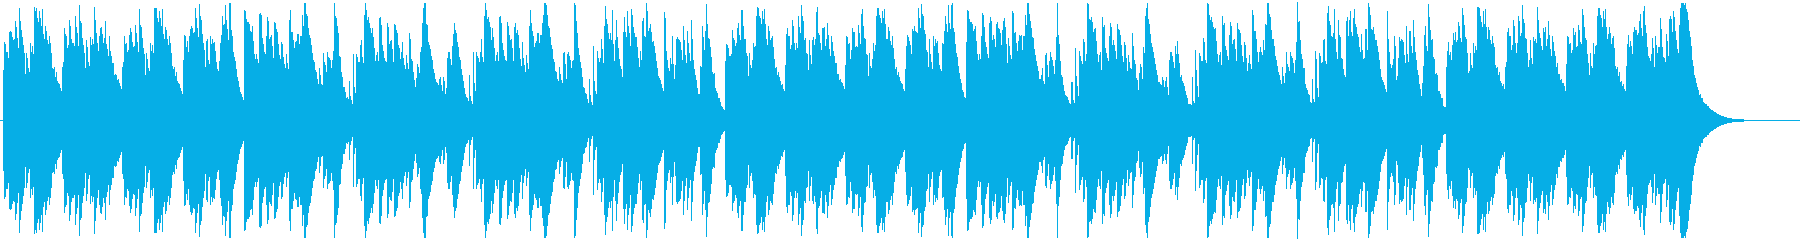 オルゴールによる軽やかなメロディの再生済みの波形